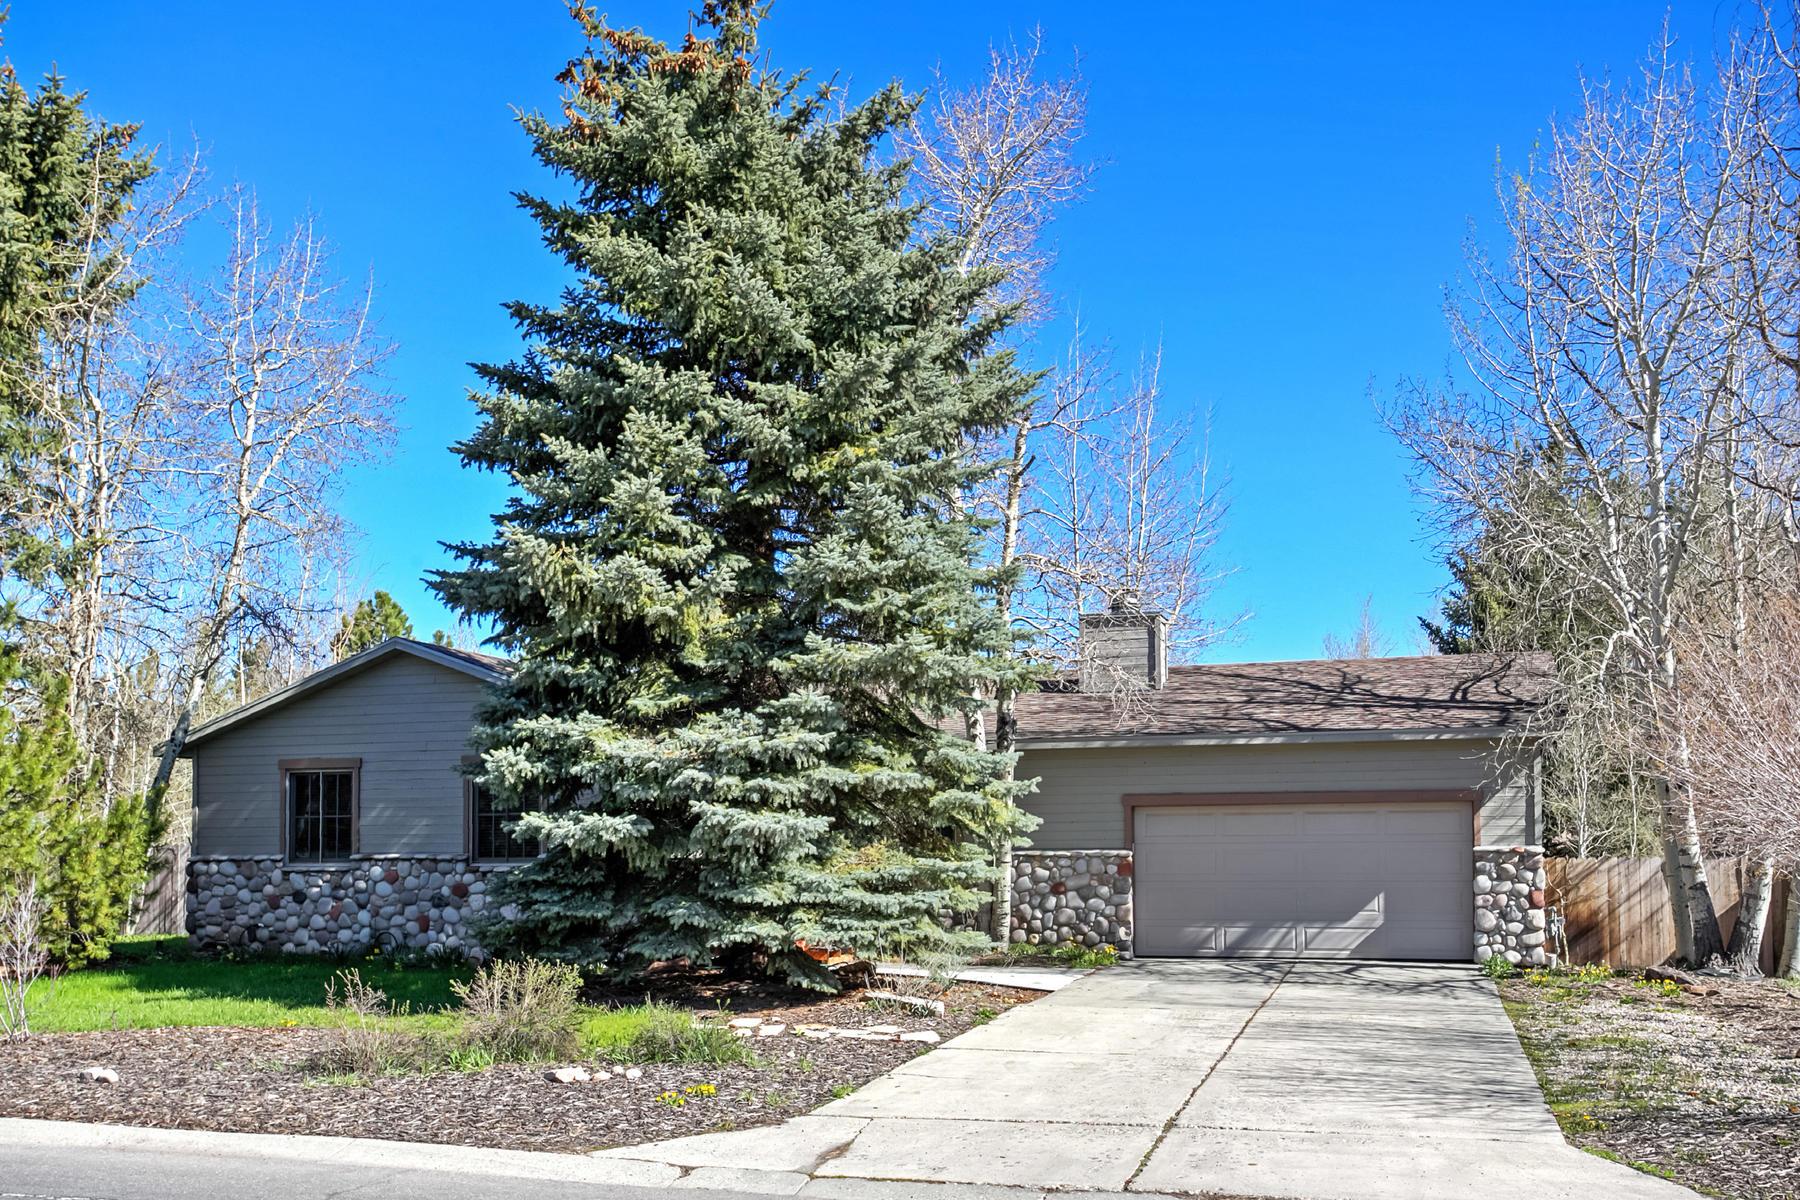 独户住宅 为 销售 在 Opportunity to Own in Park Meadows 2401 Holiday Ranch Loop Rd 帕克城, 犹他州 84060 美国